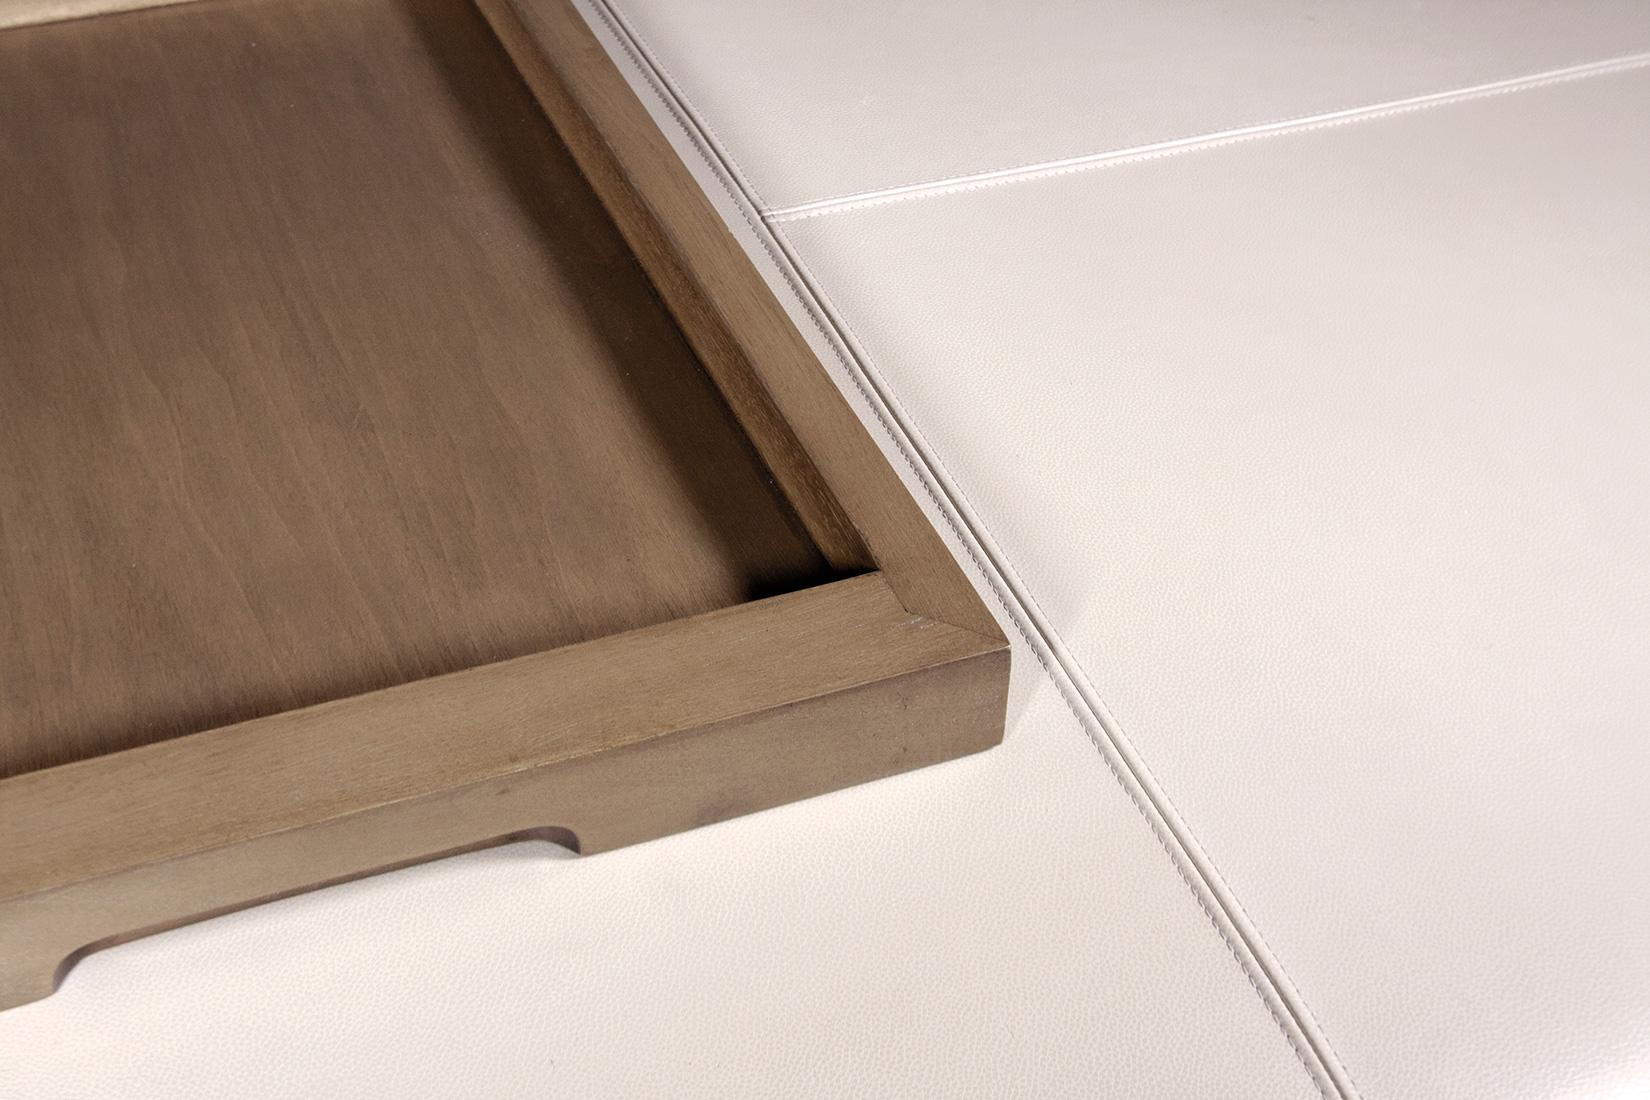 ELLIOT-EAKIN-Furniture-Upholstered-Ottoman-Tray-Detail.jpg